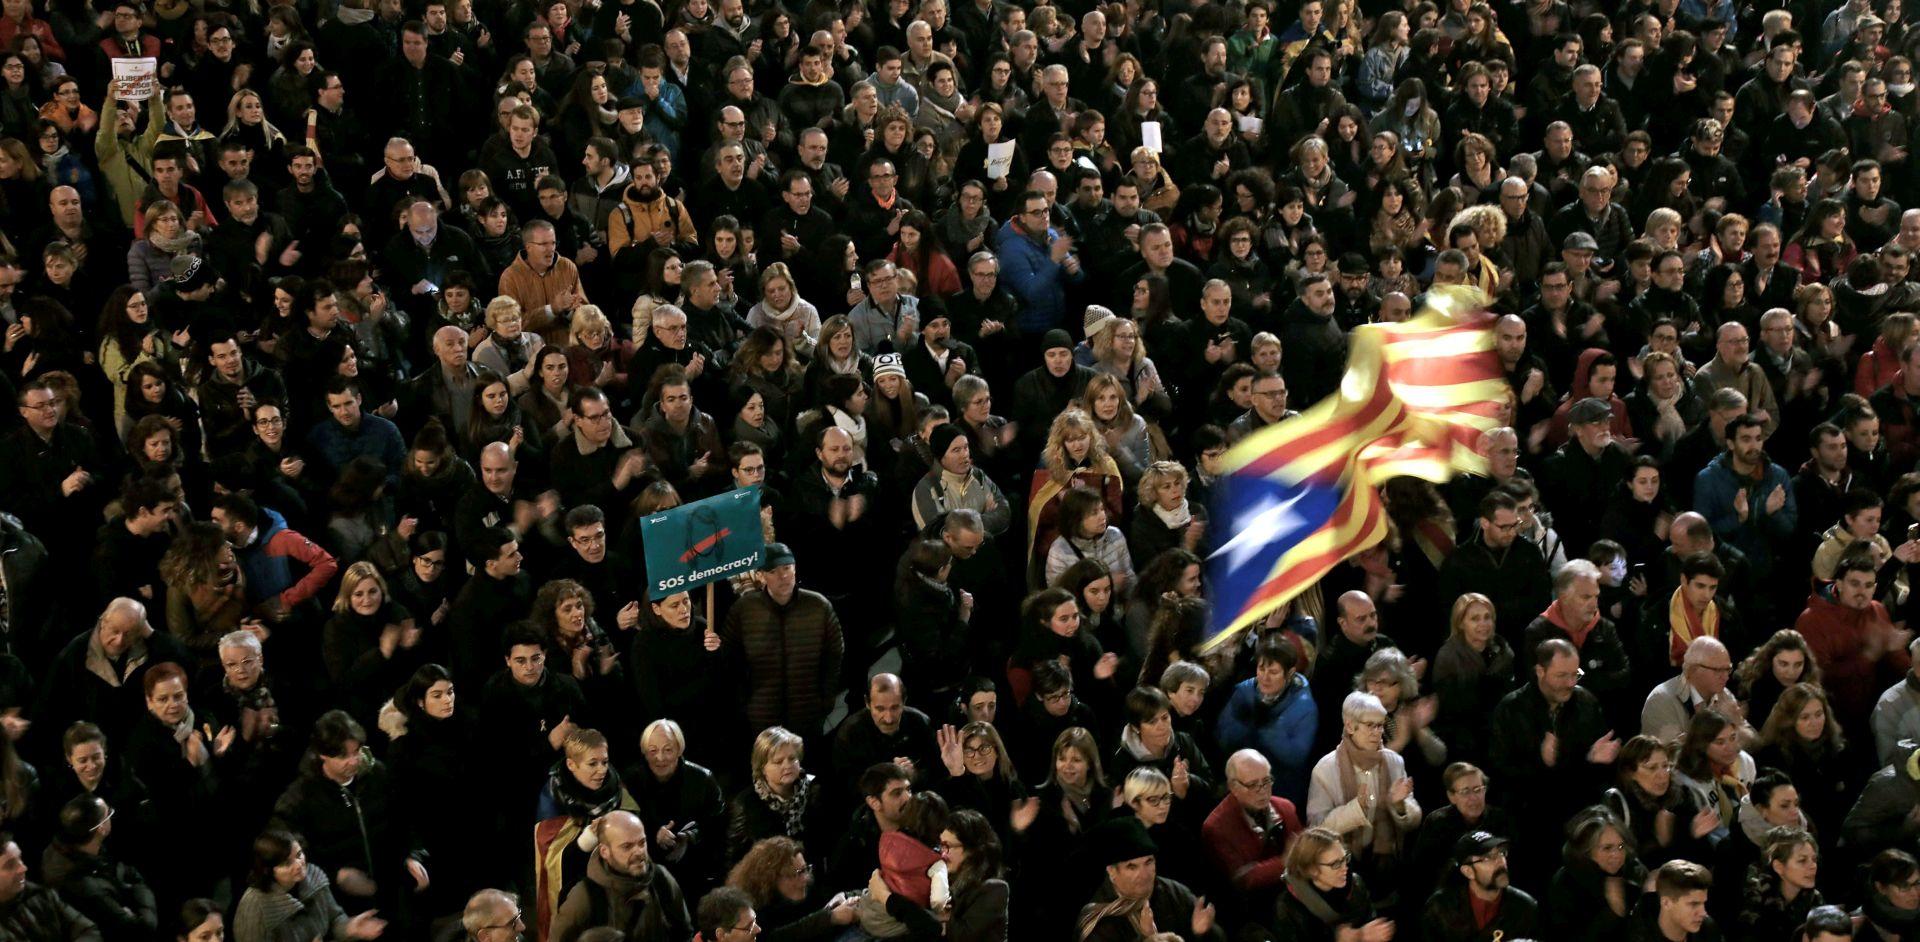 Deseci tisuća ljudi s ulica Barcelone traže oslobađanje katalonskih dužnosnika